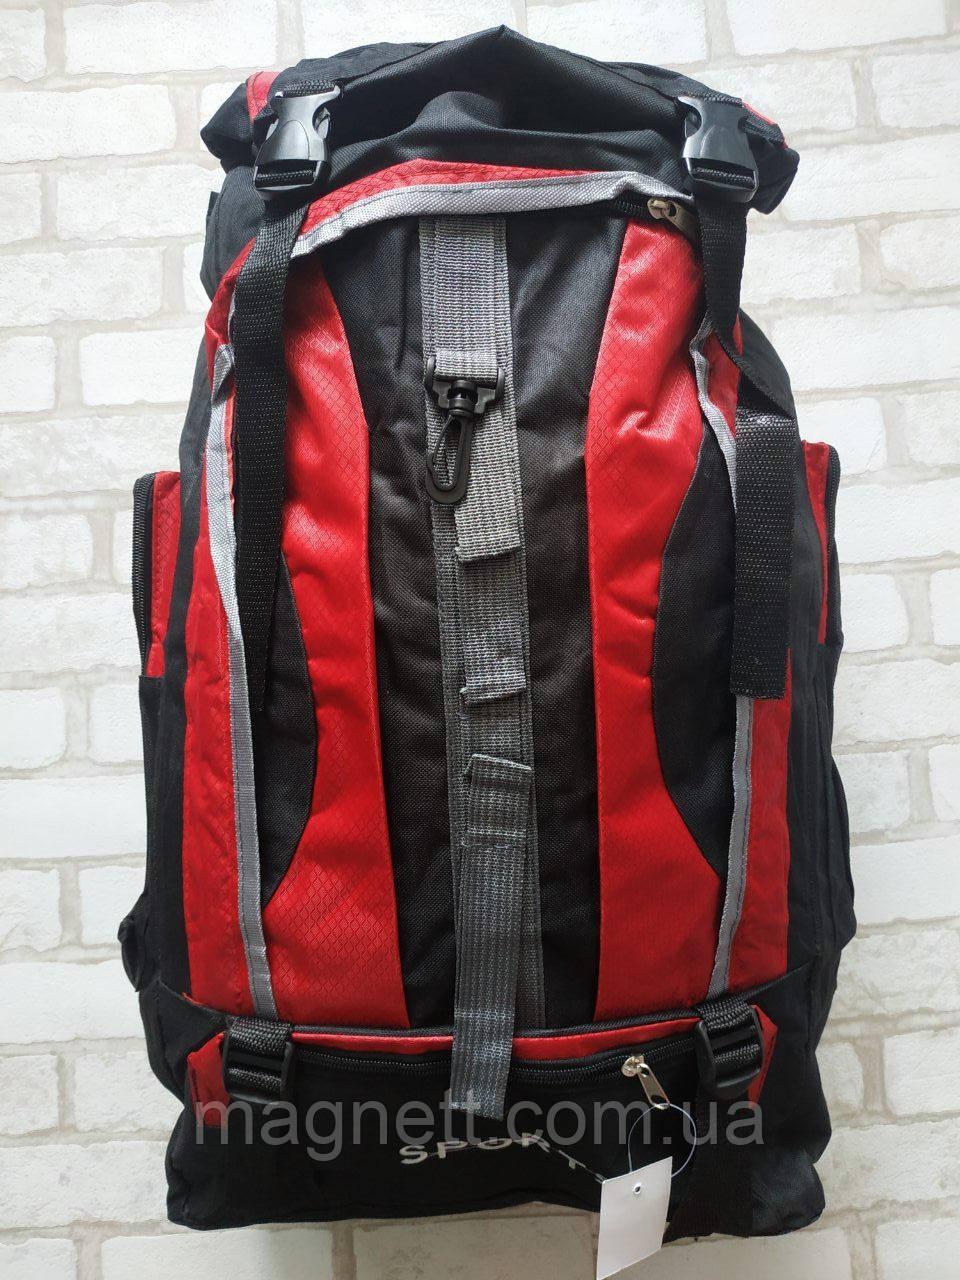 Туристический,походной дорожный рюкзак Sports 70 литров (красный)